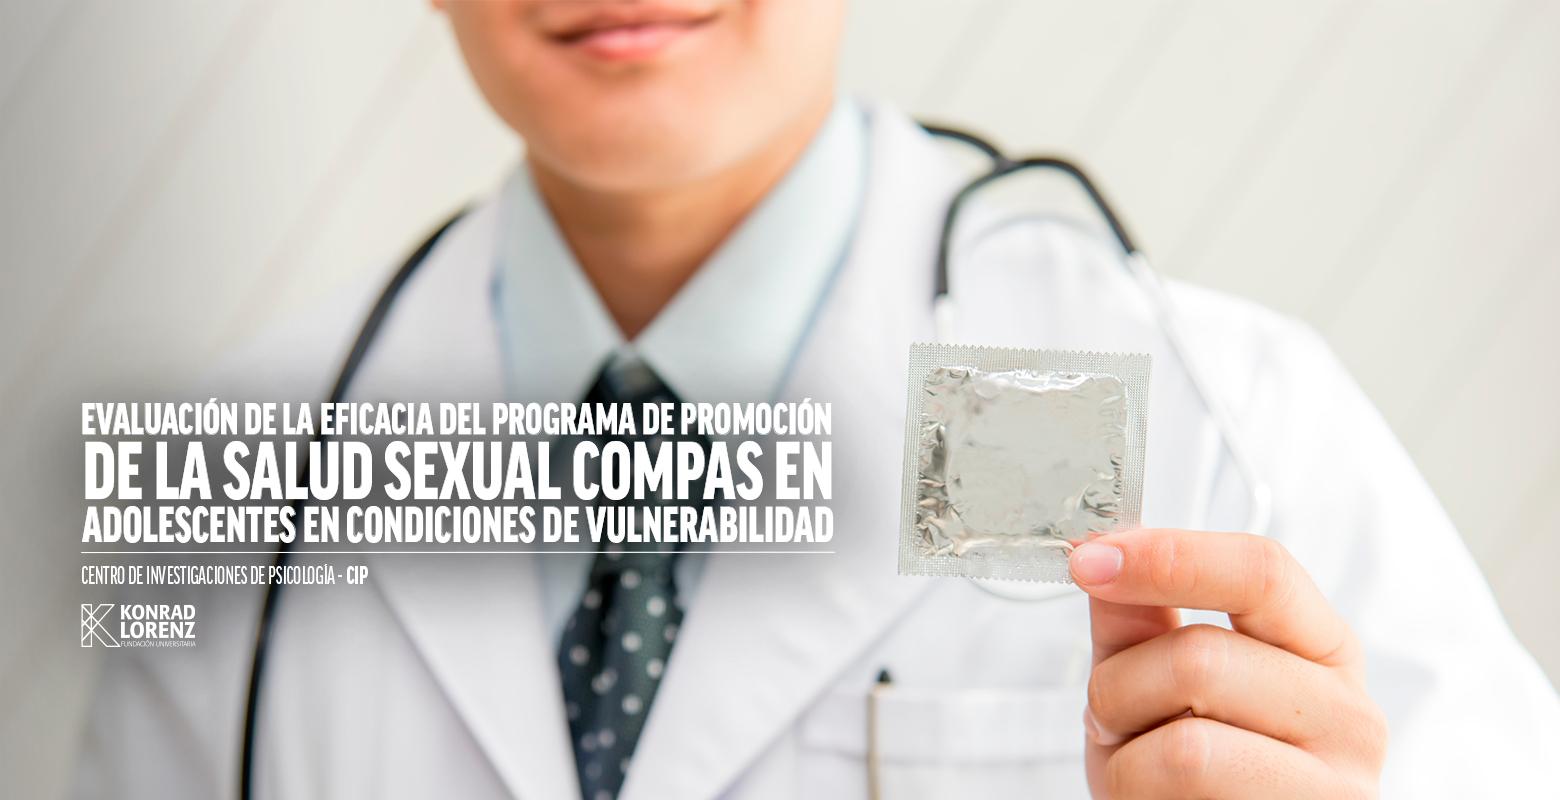 Evaluación de la eficacia del programa de promoción de la salud sexual COMPAS en adolescentes de condiciones de vulnerabilidad